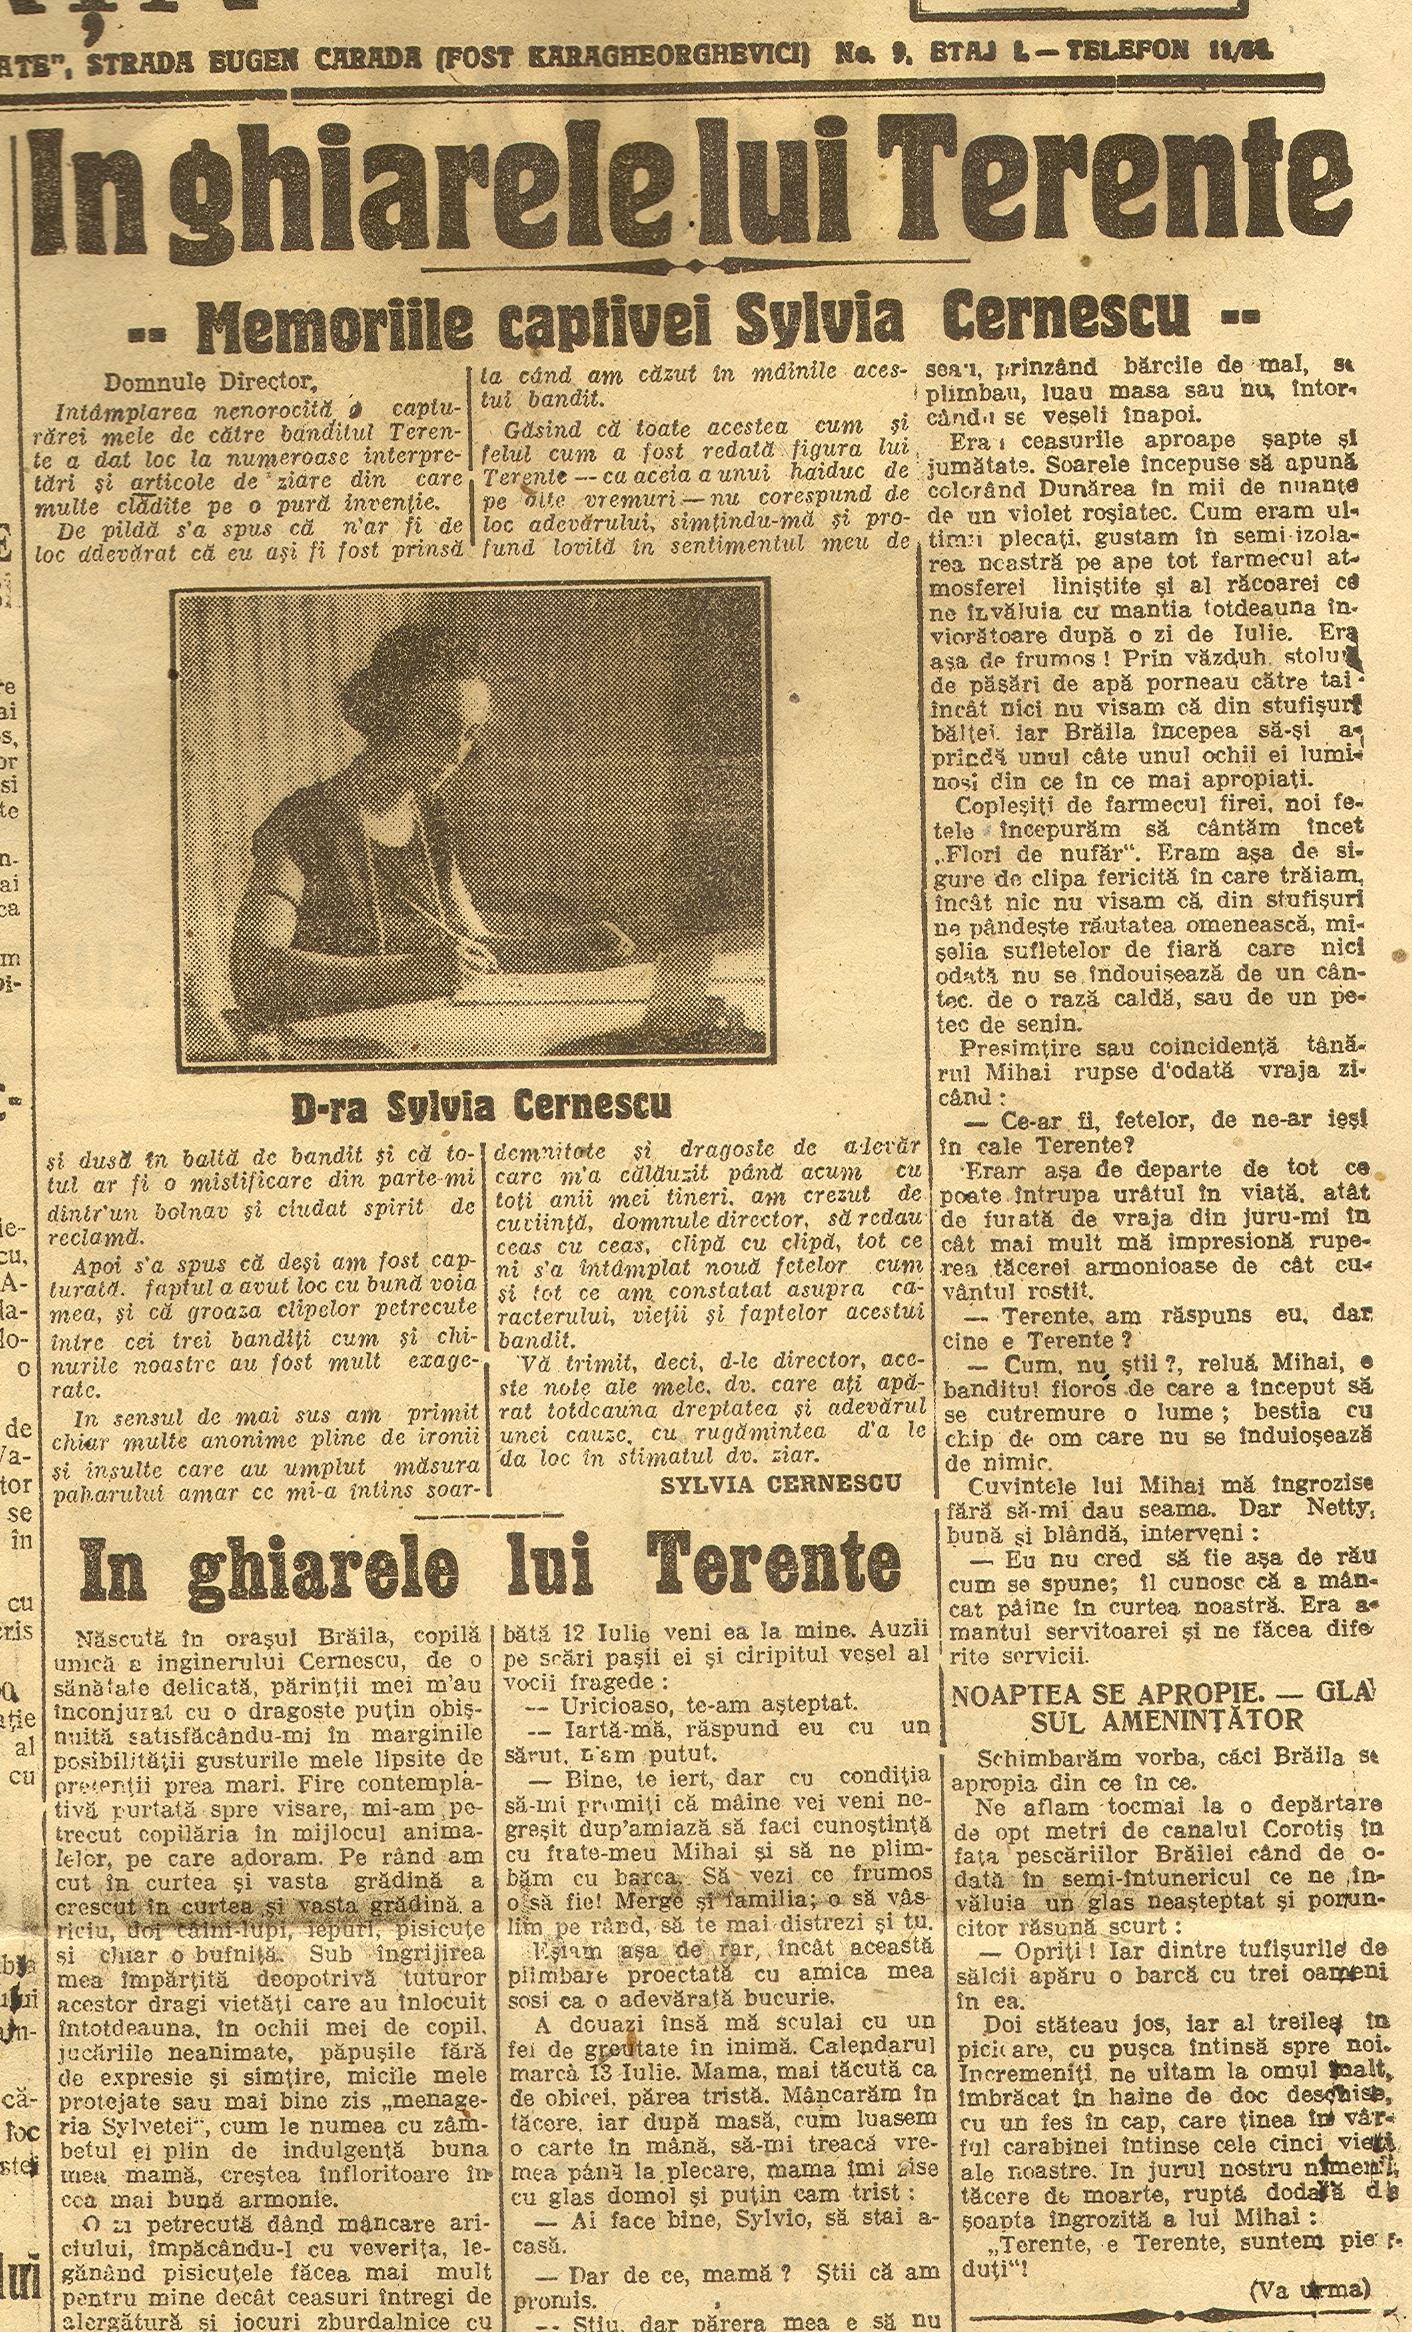 """Primul episod din serialul """"În ghiarele lui Terente"""", apărut în cotidianul național """"Dimineața"""", Anul XXI, No. 6448, Sâmbătă, 25 octombrie 1924, pag. 1."""